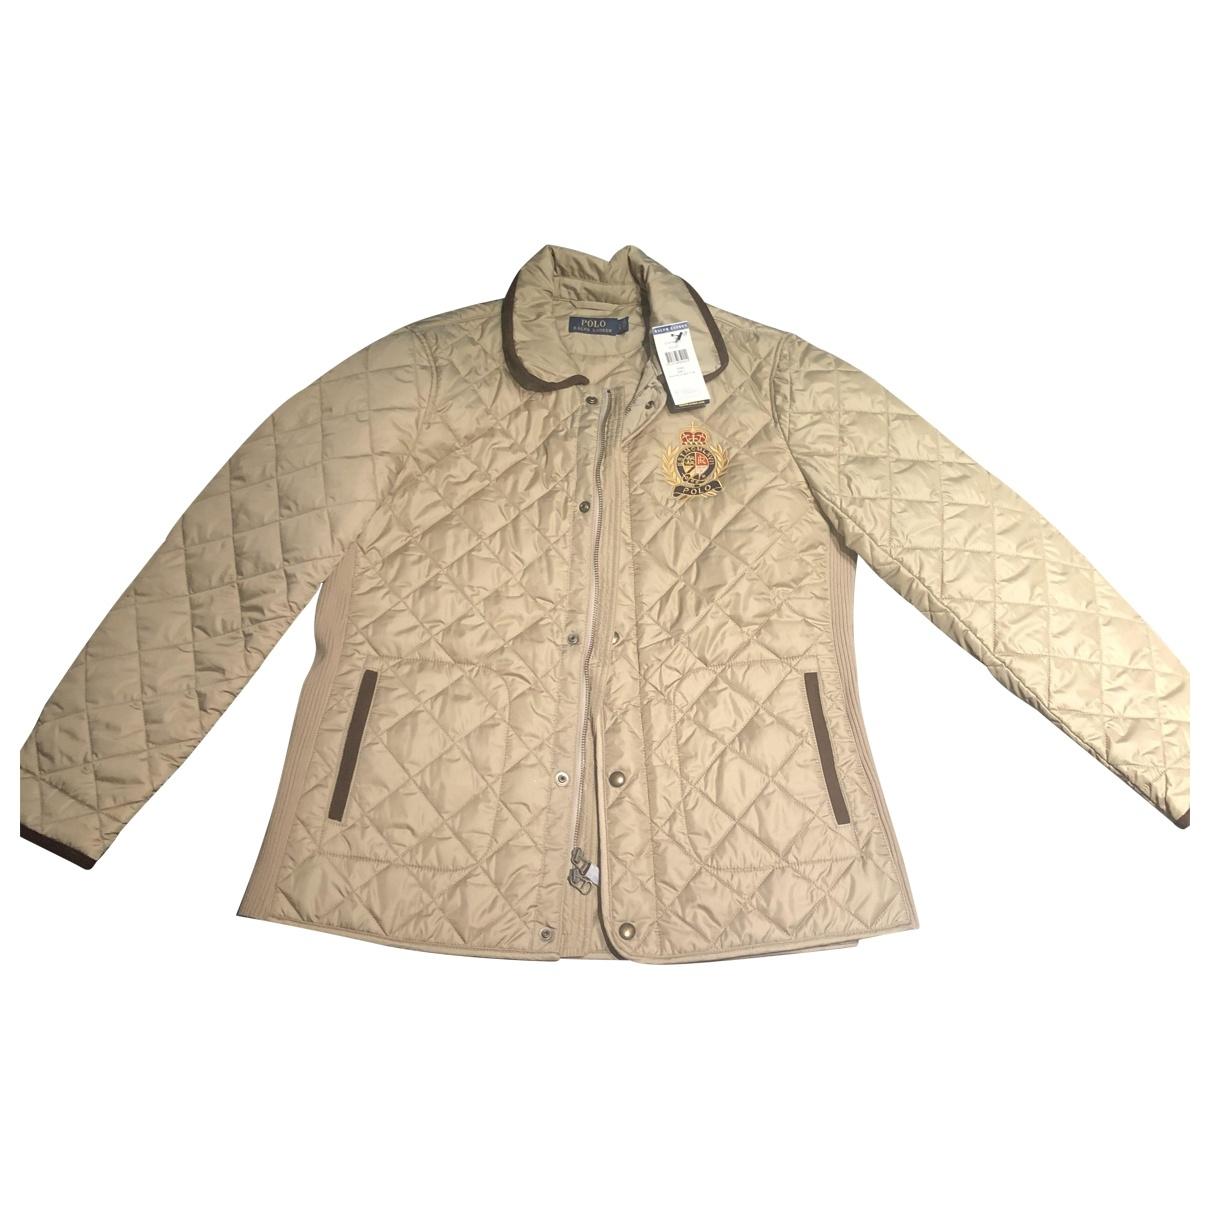 Polo Ralph Lauren \N Beige jacket for Women L International